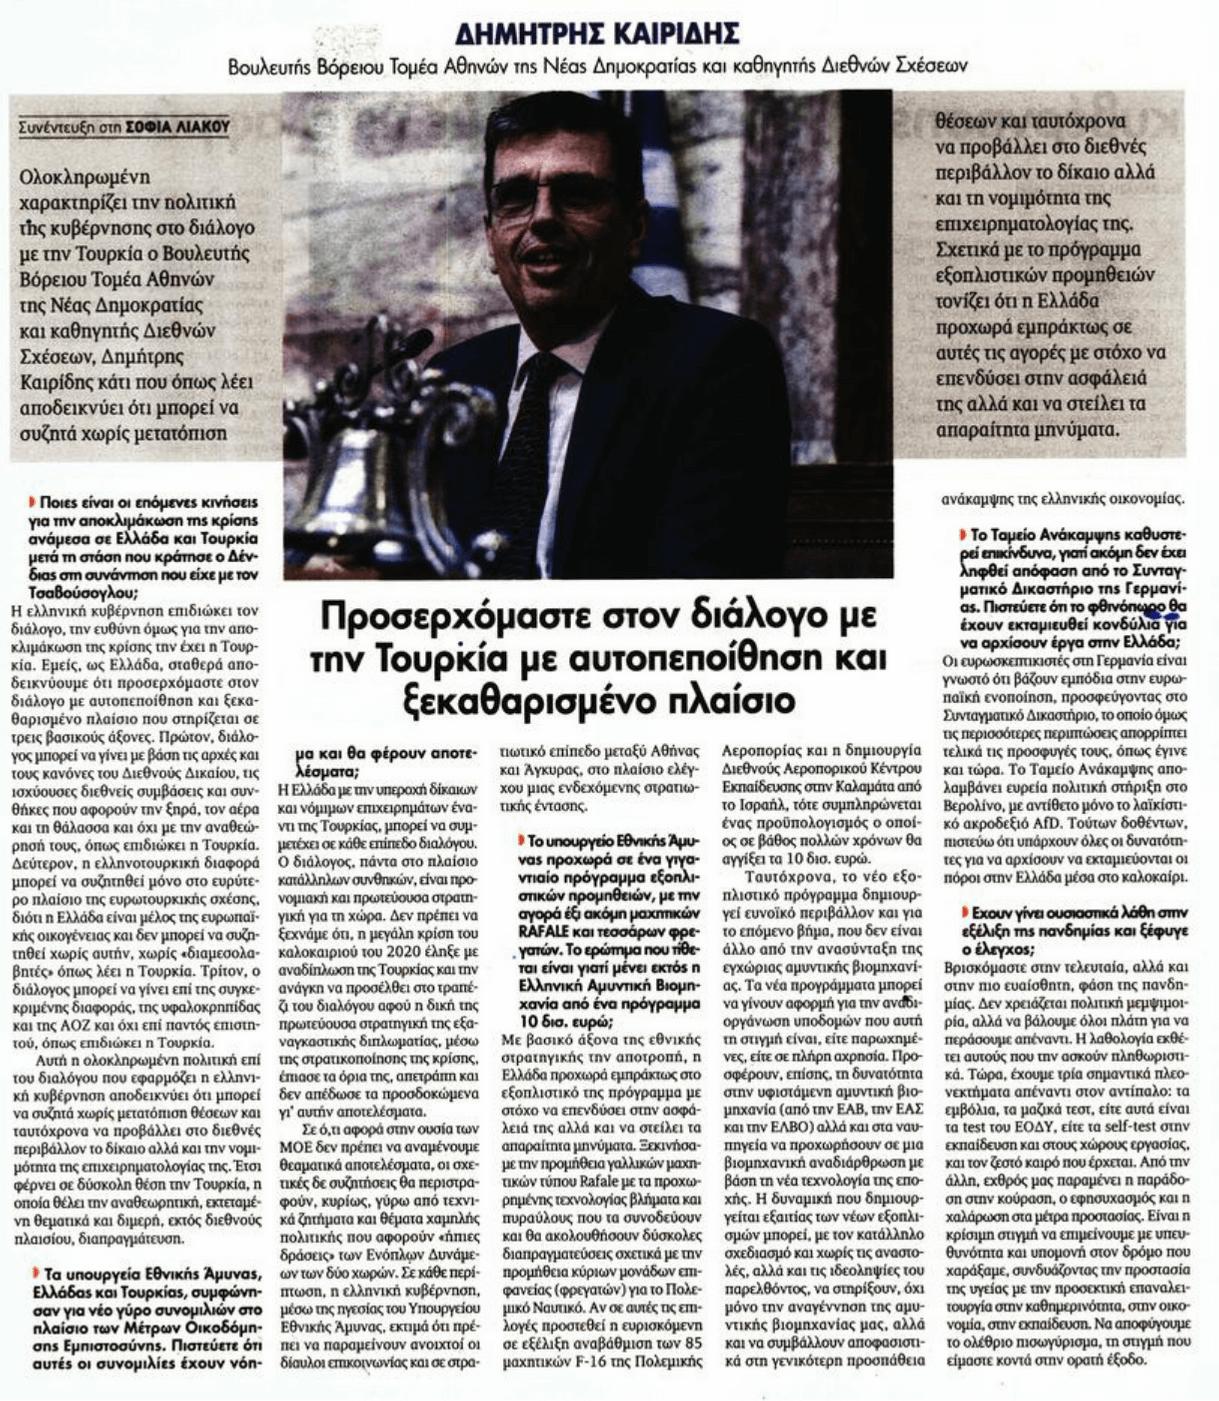 Προσερχόμαστε στον διάλογο με την Τουρκία με αυτοπεποίθηση και ξεκαθαρισμένο πλαίσιο (Kontranews)